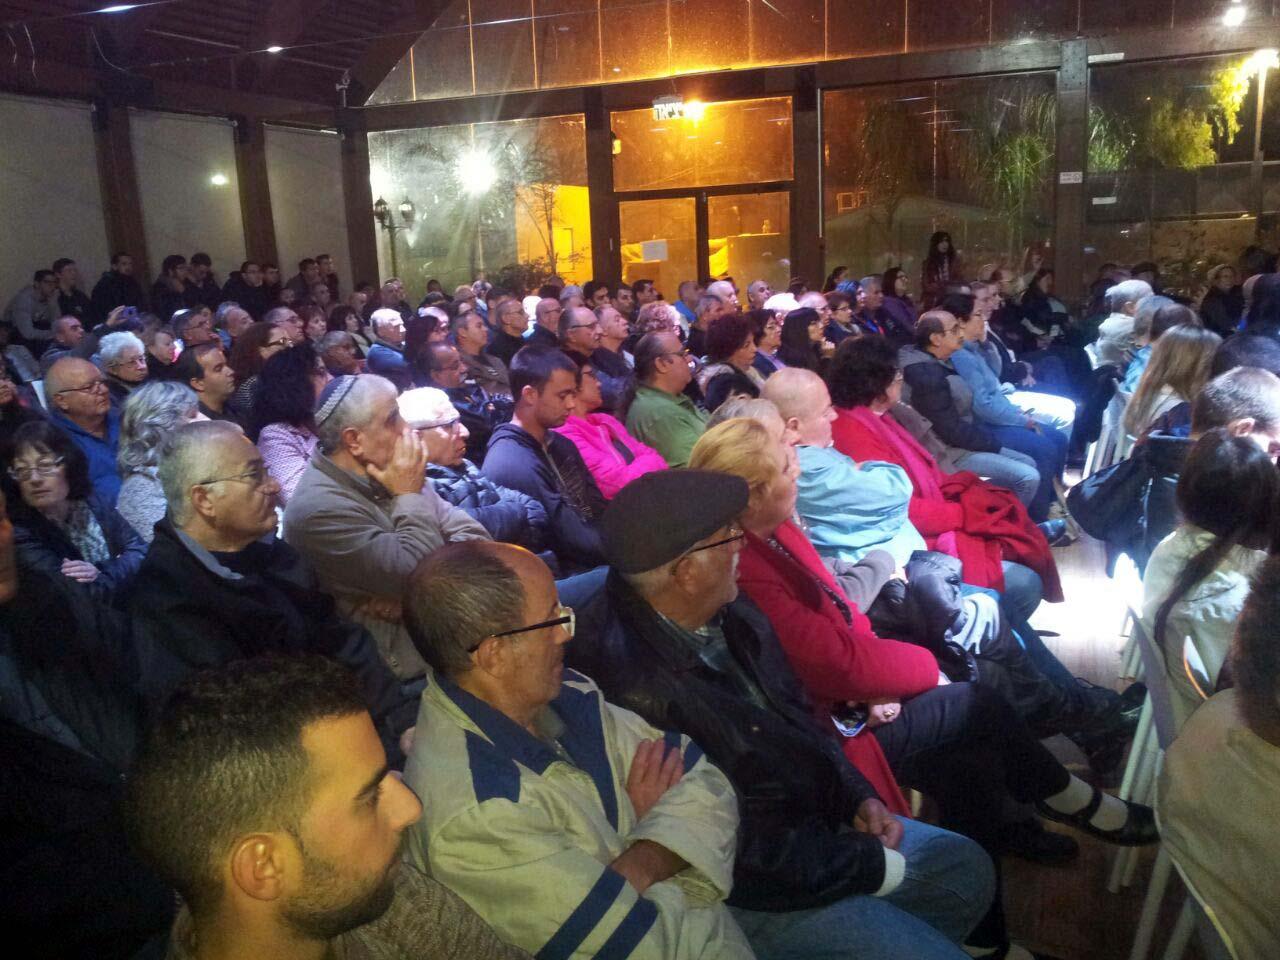 קהל רב בא לשמוע את לפיד באולמי ה-W בעפולה